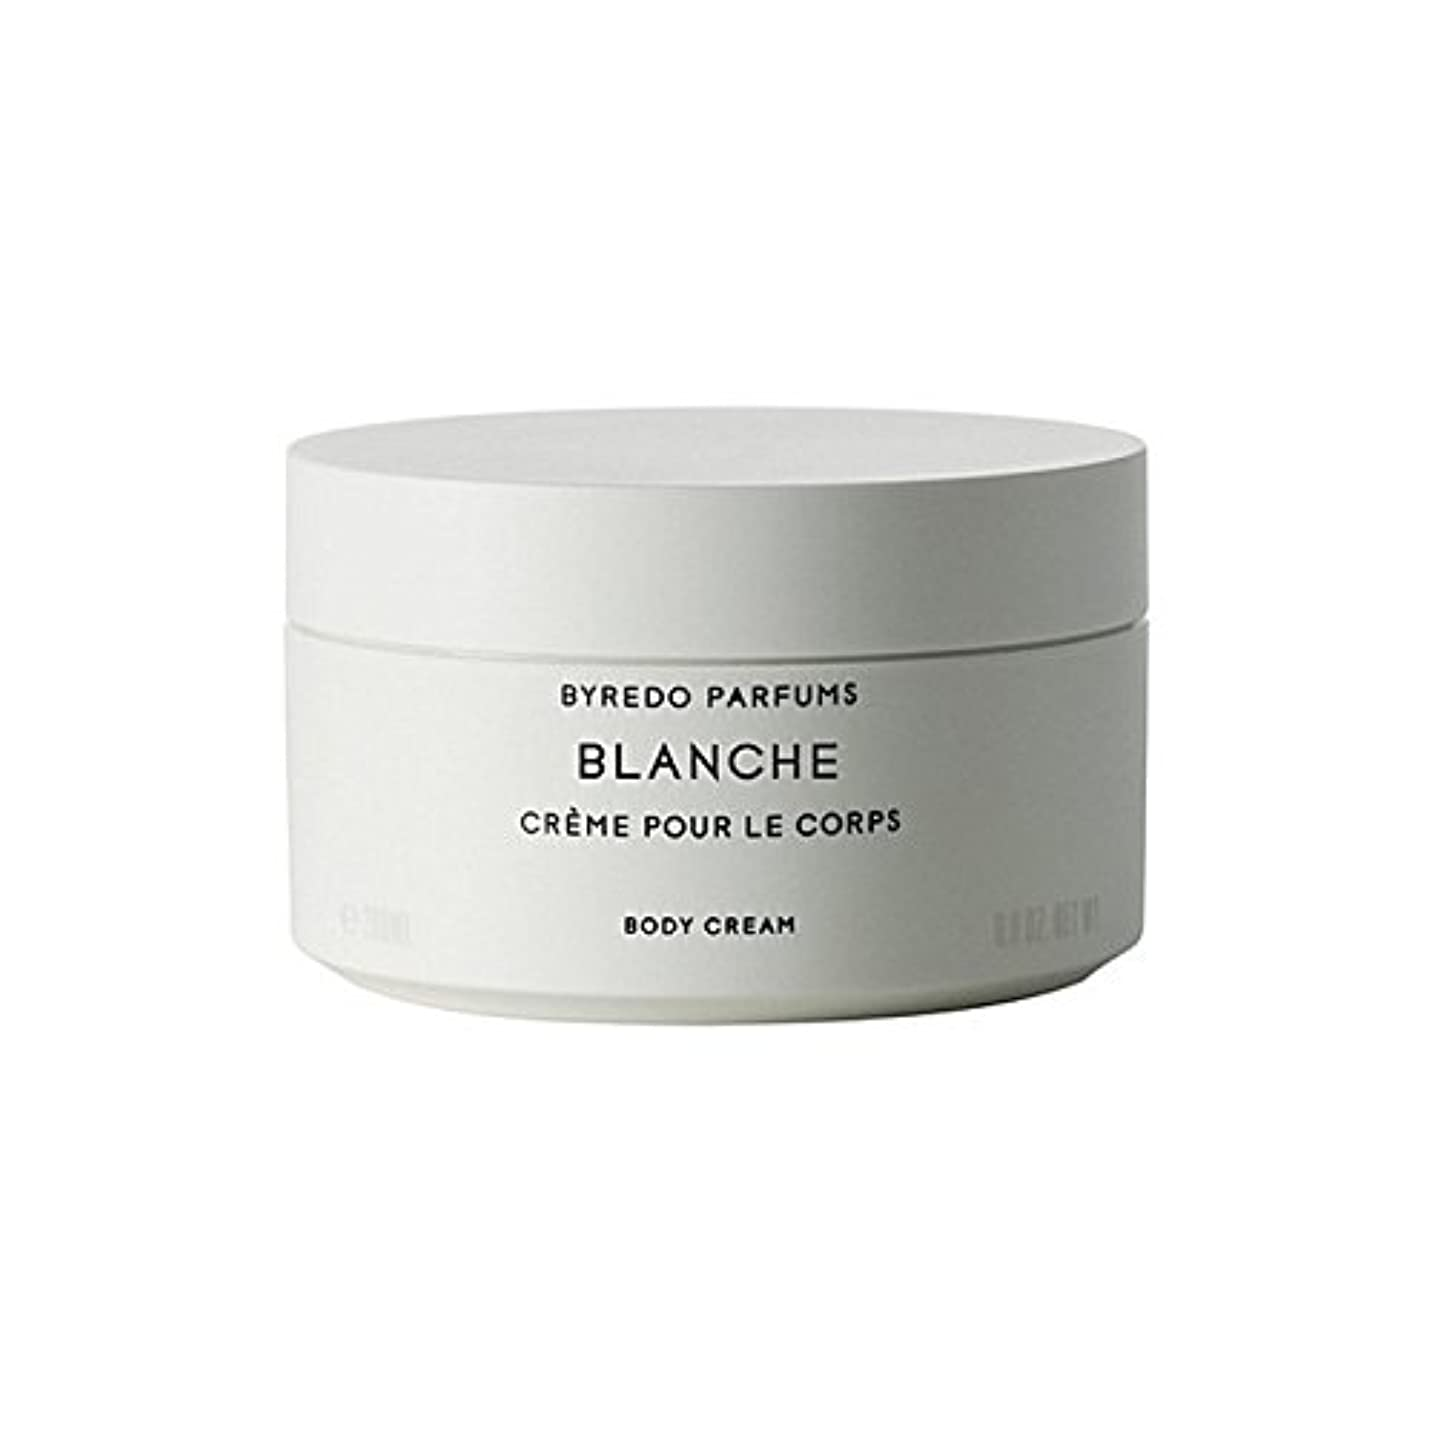 ラインナップ春腫瘍ブランシュボディクリーム200ミリリットル x2 - Byredo Blanche Body Cream 200ml (Pack of 2) [並行輸入品]